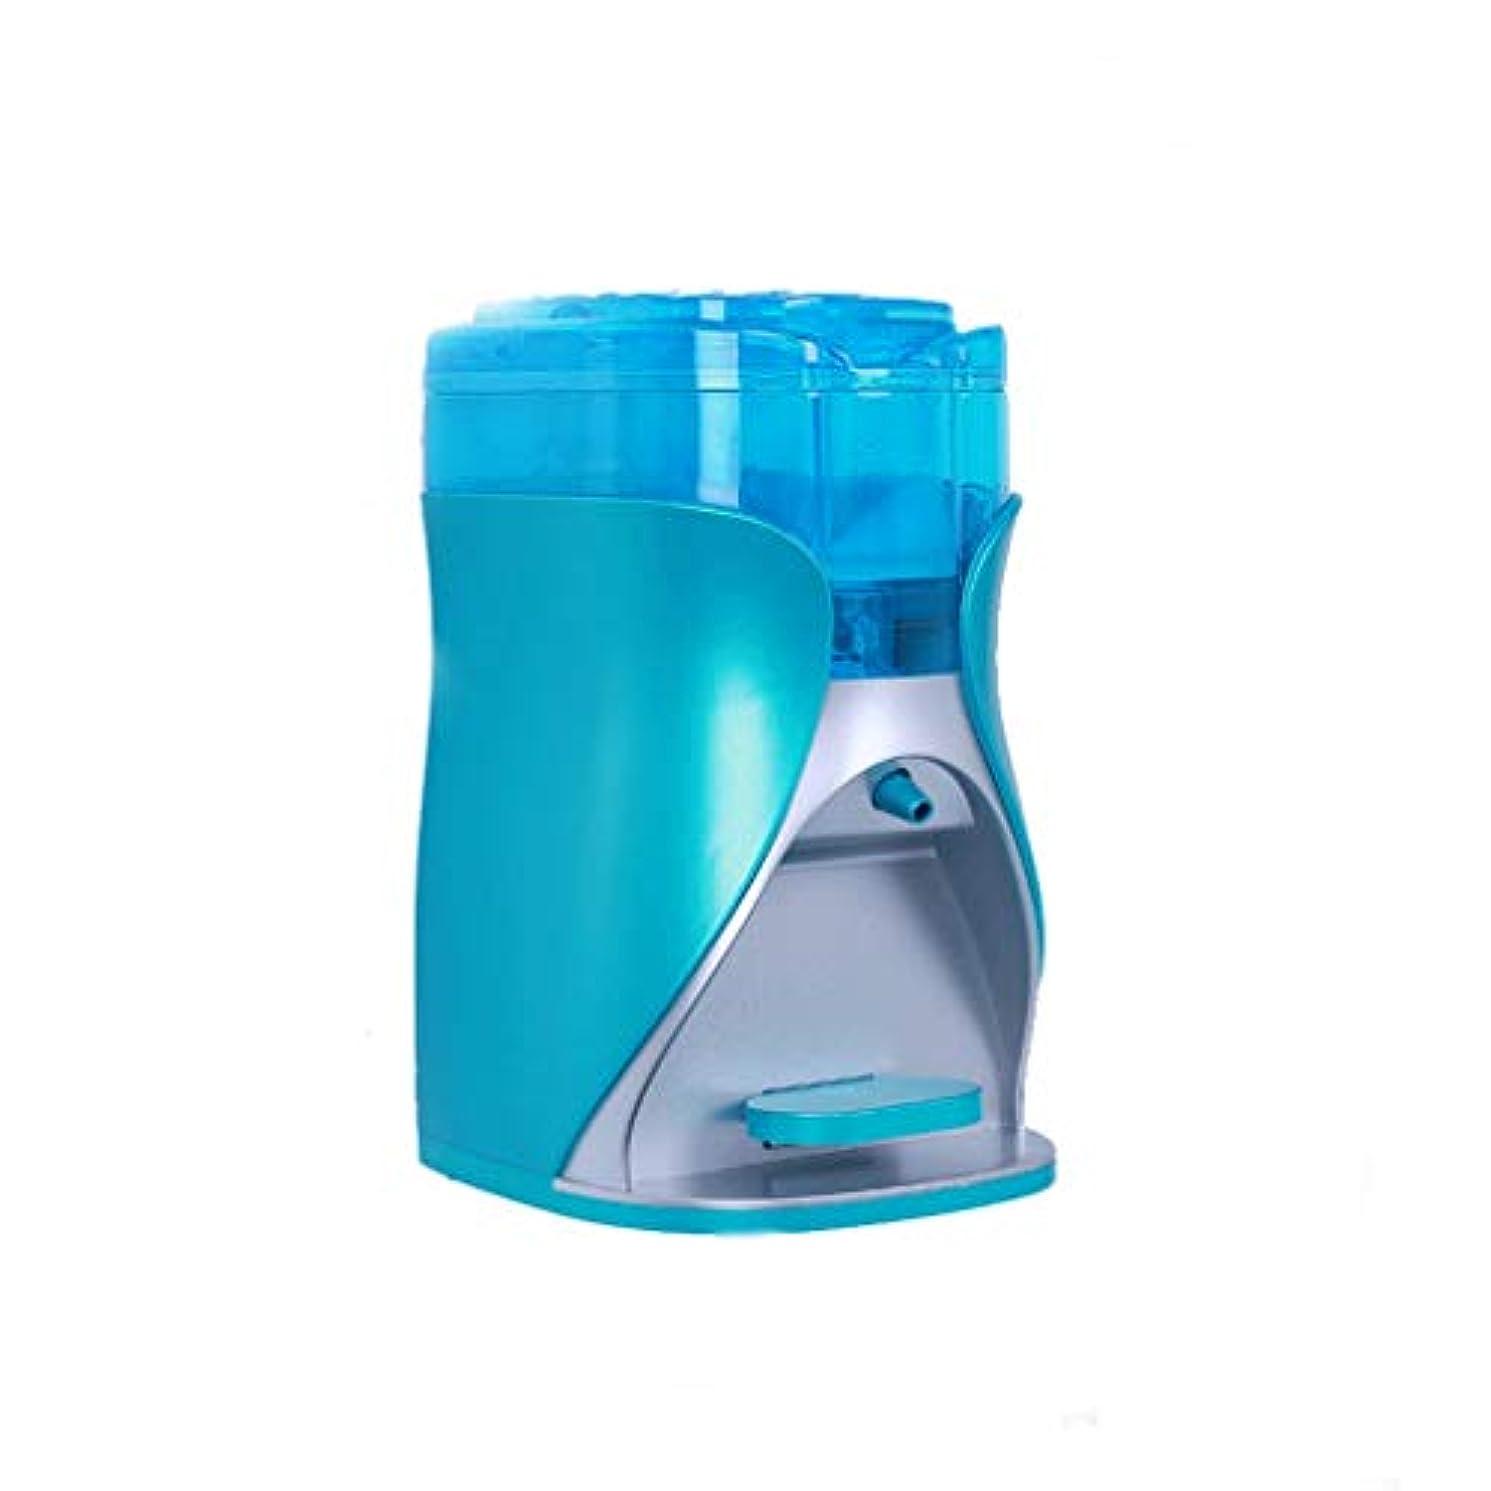 ローズさまよう化学薬品せっけん 石鹸ディスペンサー壁掛け石鹸/シャンプー/ローションシャワークローム家庭用品バスルームソープディスペンサー170ミリリットル石鹸ボトル 青